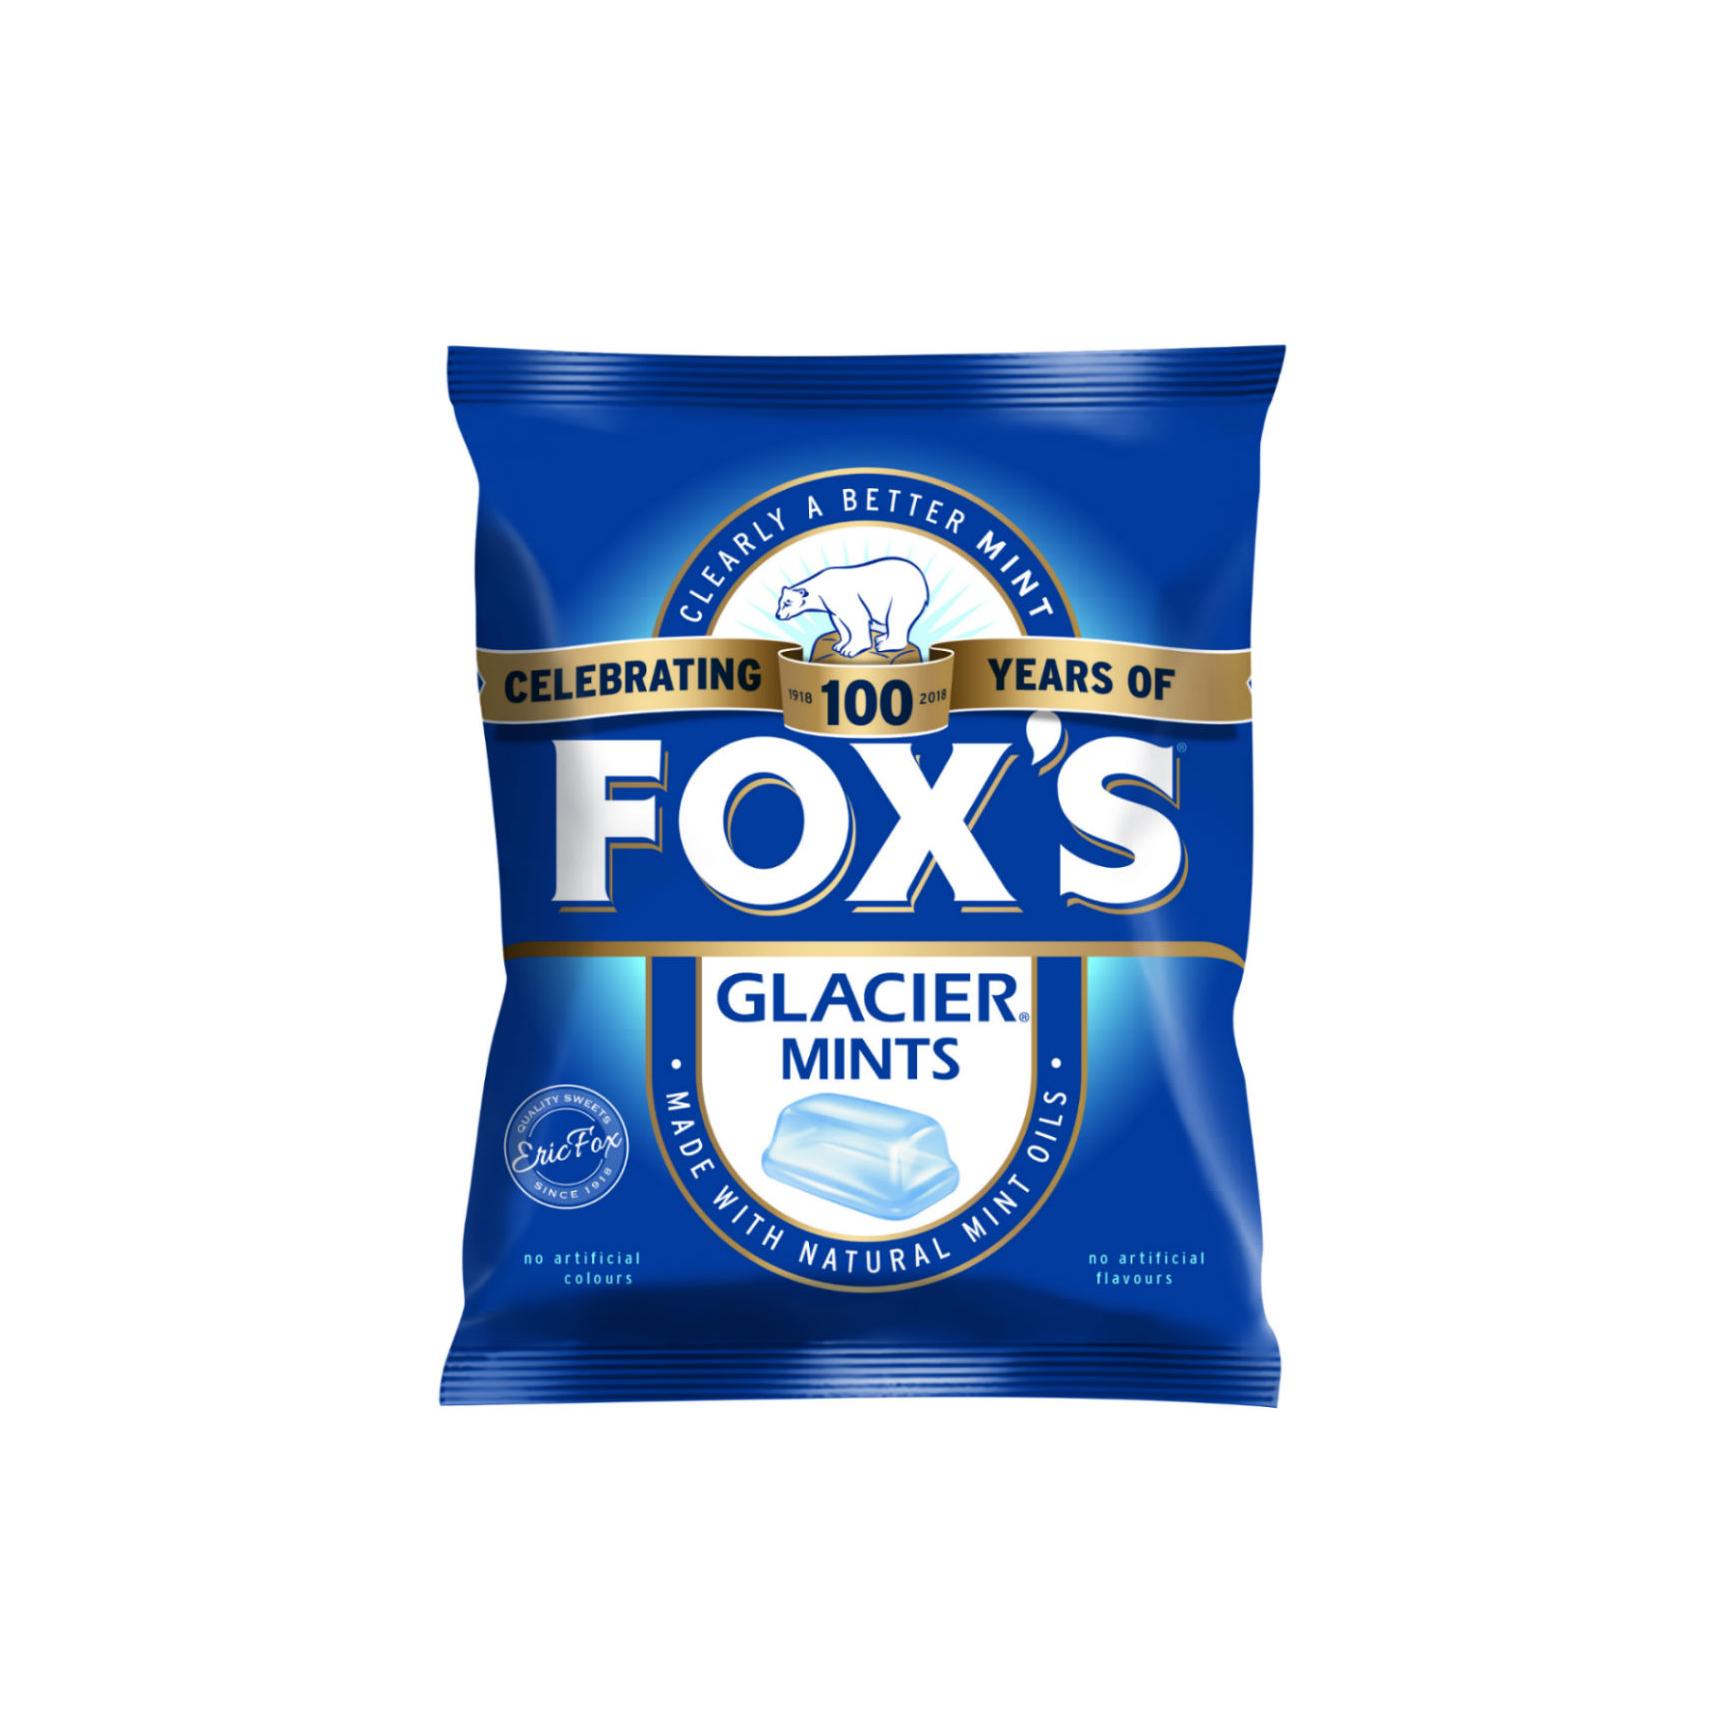 100th-Anniversary-Foxs-Glacier-Mints